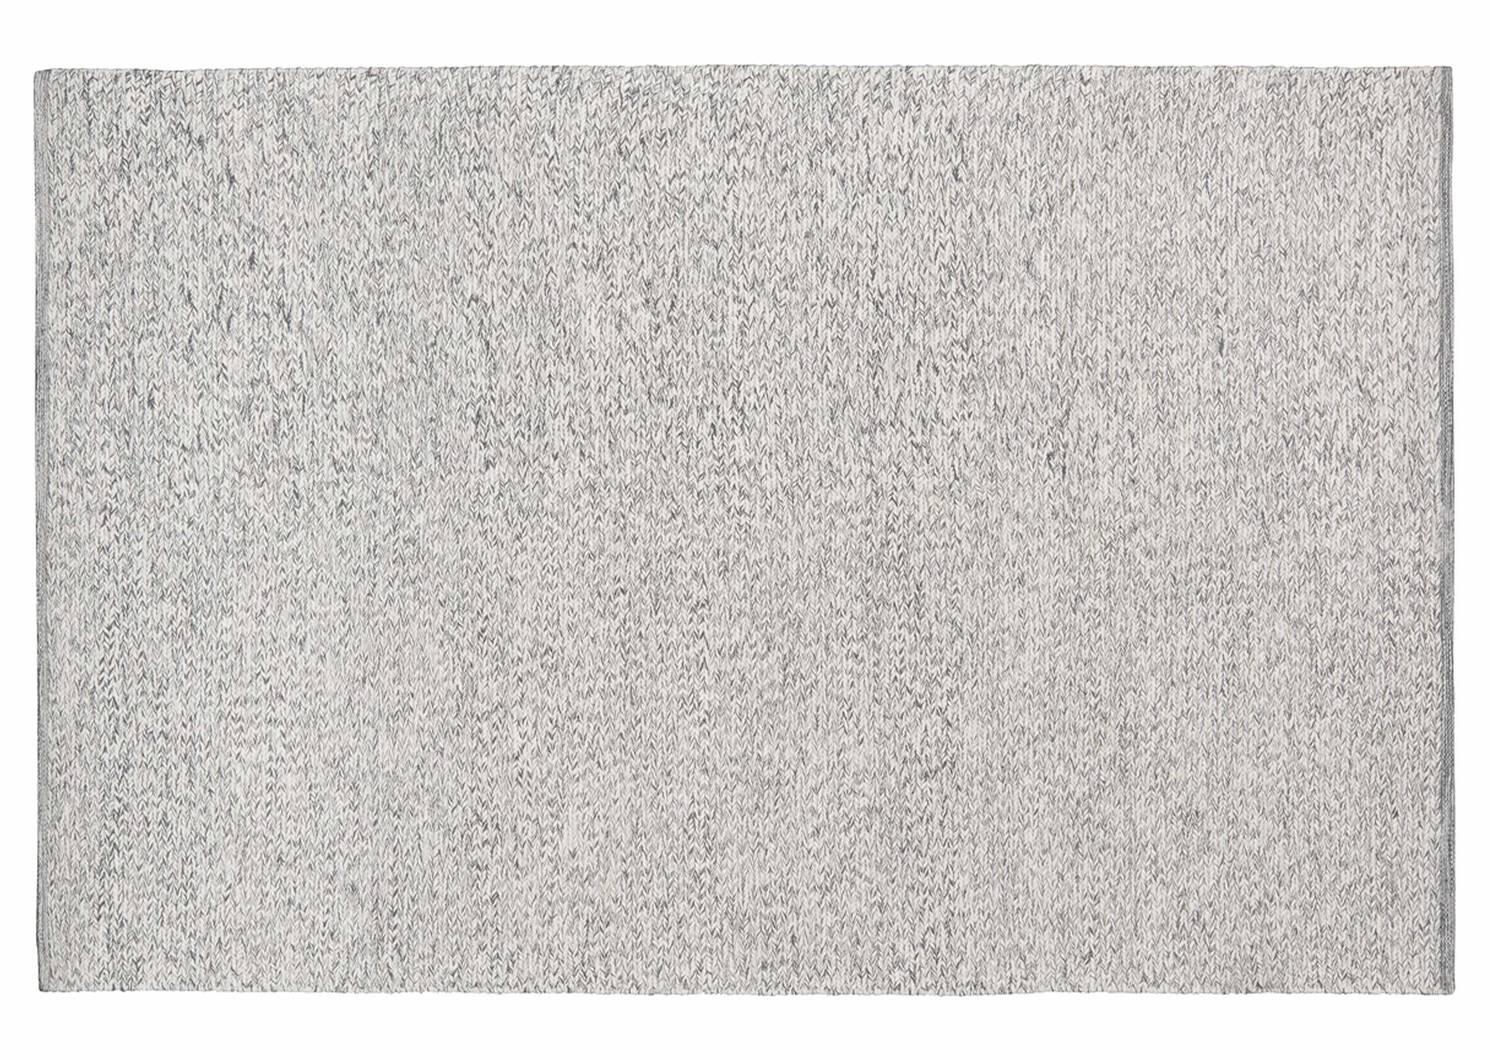 Tapis Cosette 60x96 ivoire/gris